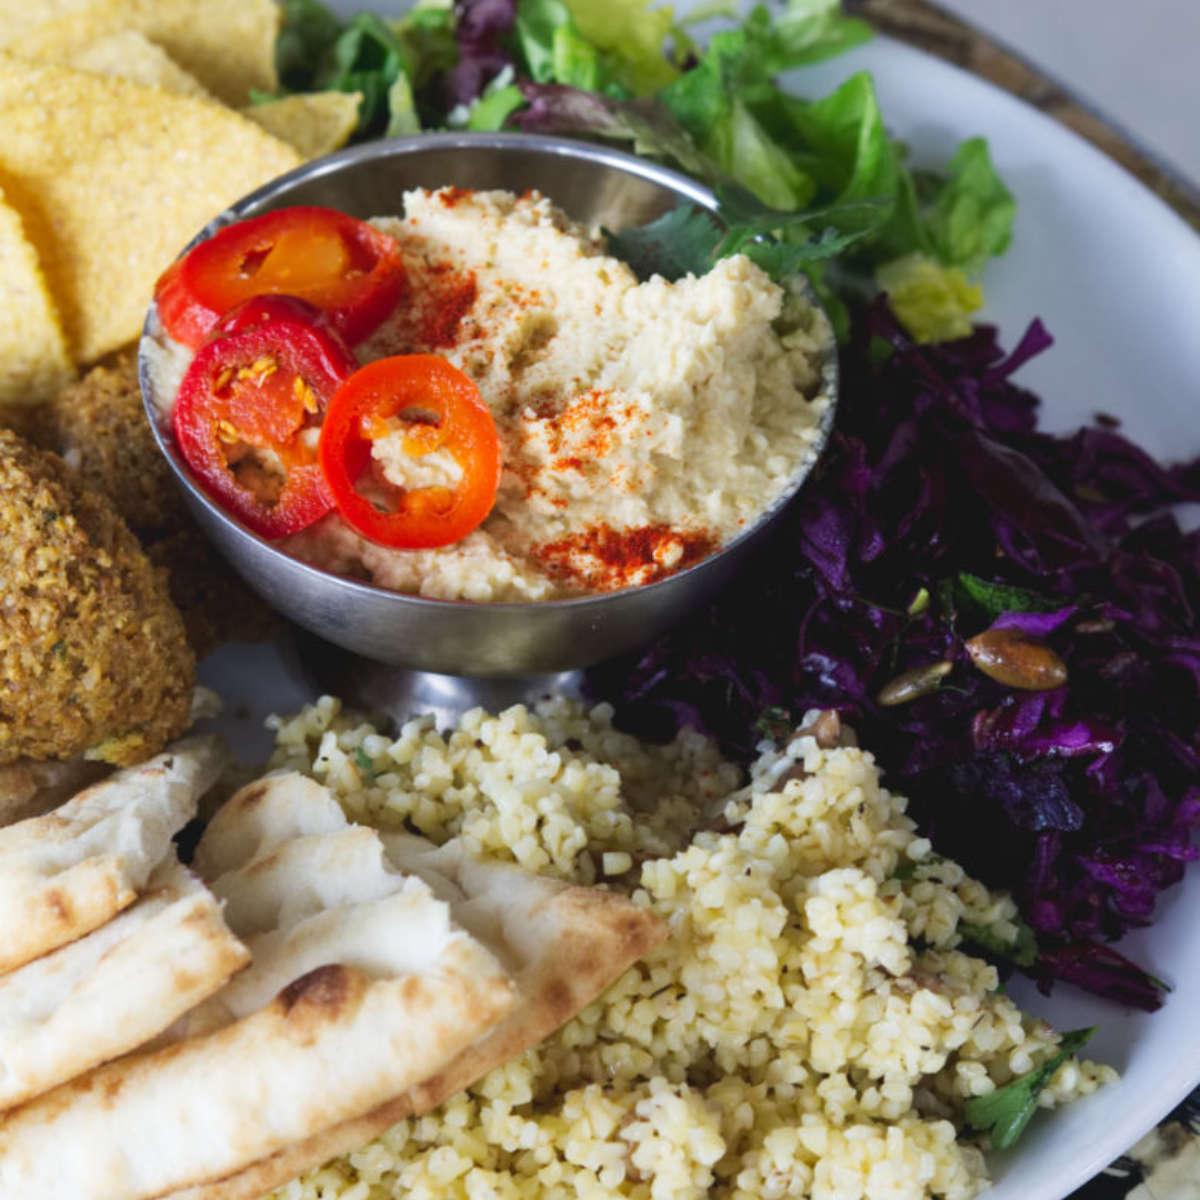 Full falafel meal at The Forest Cafe, Edinburgh